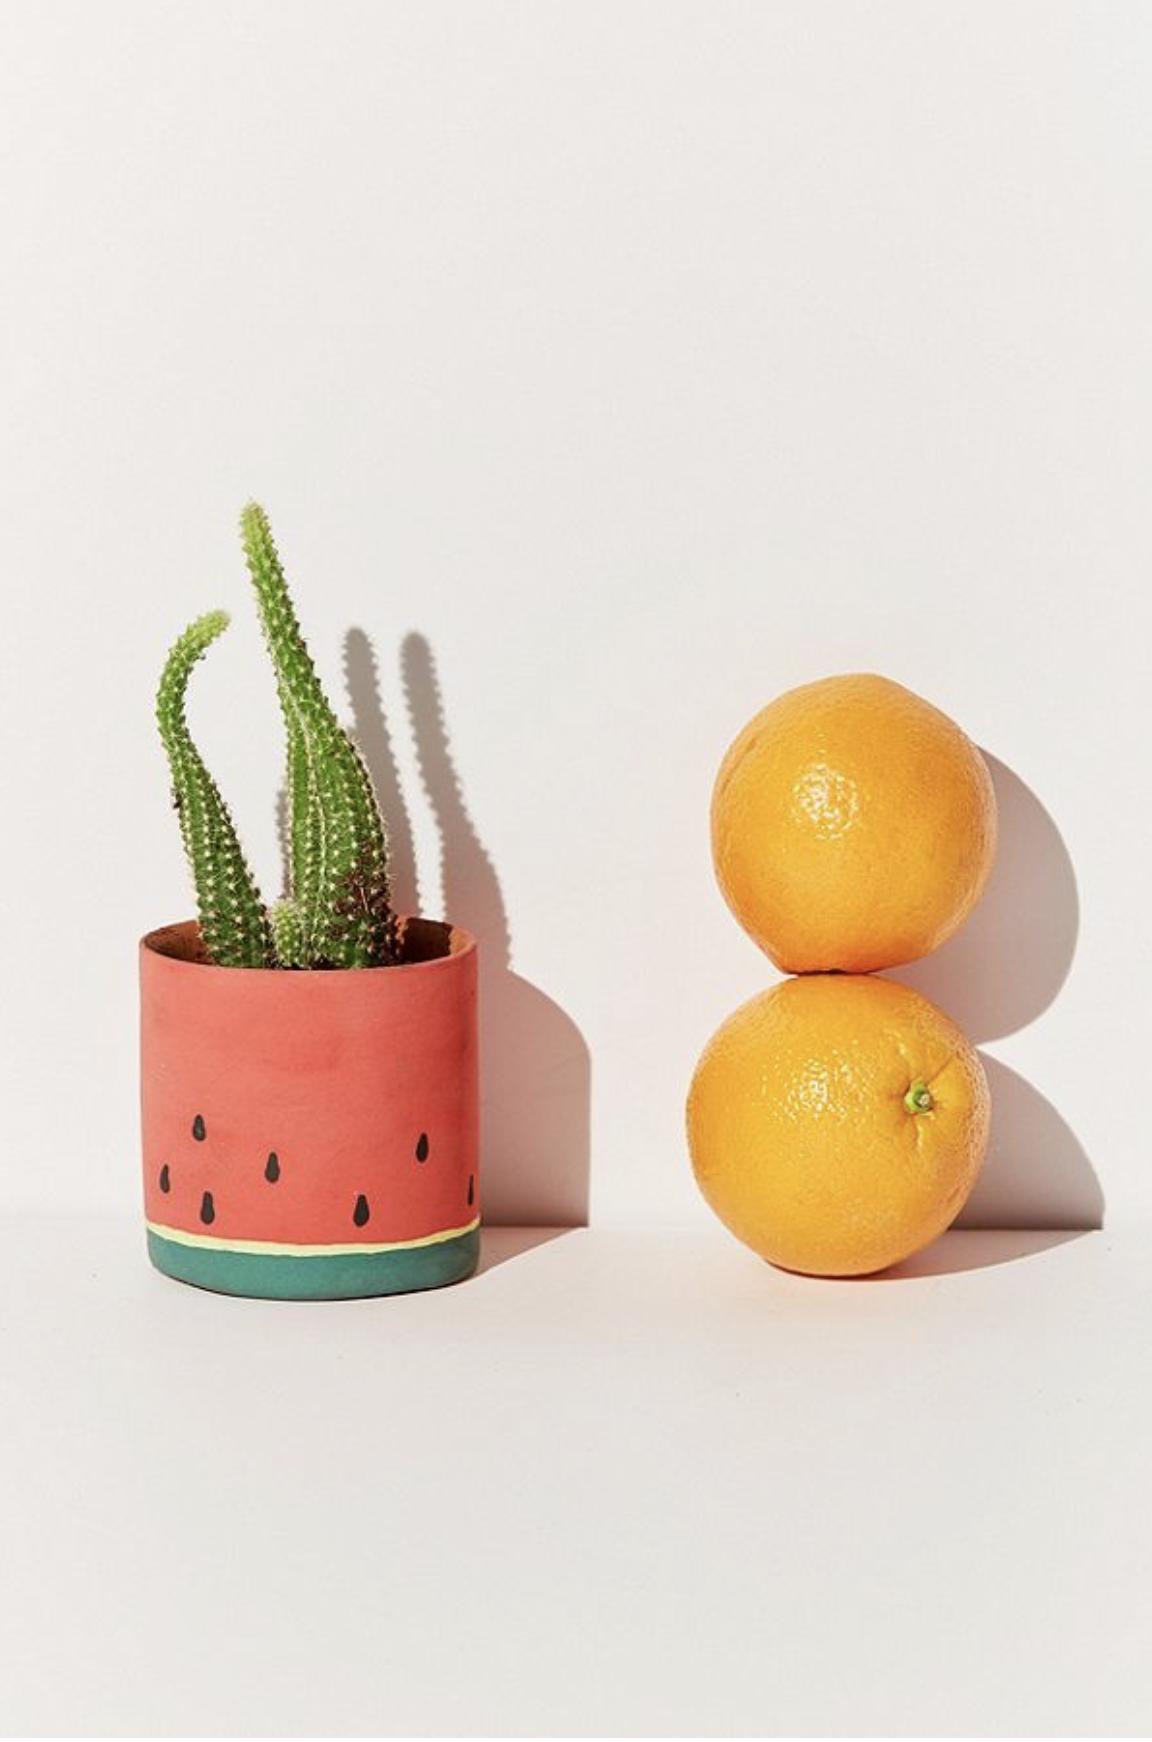 來一點幽默:西瓜盆栽